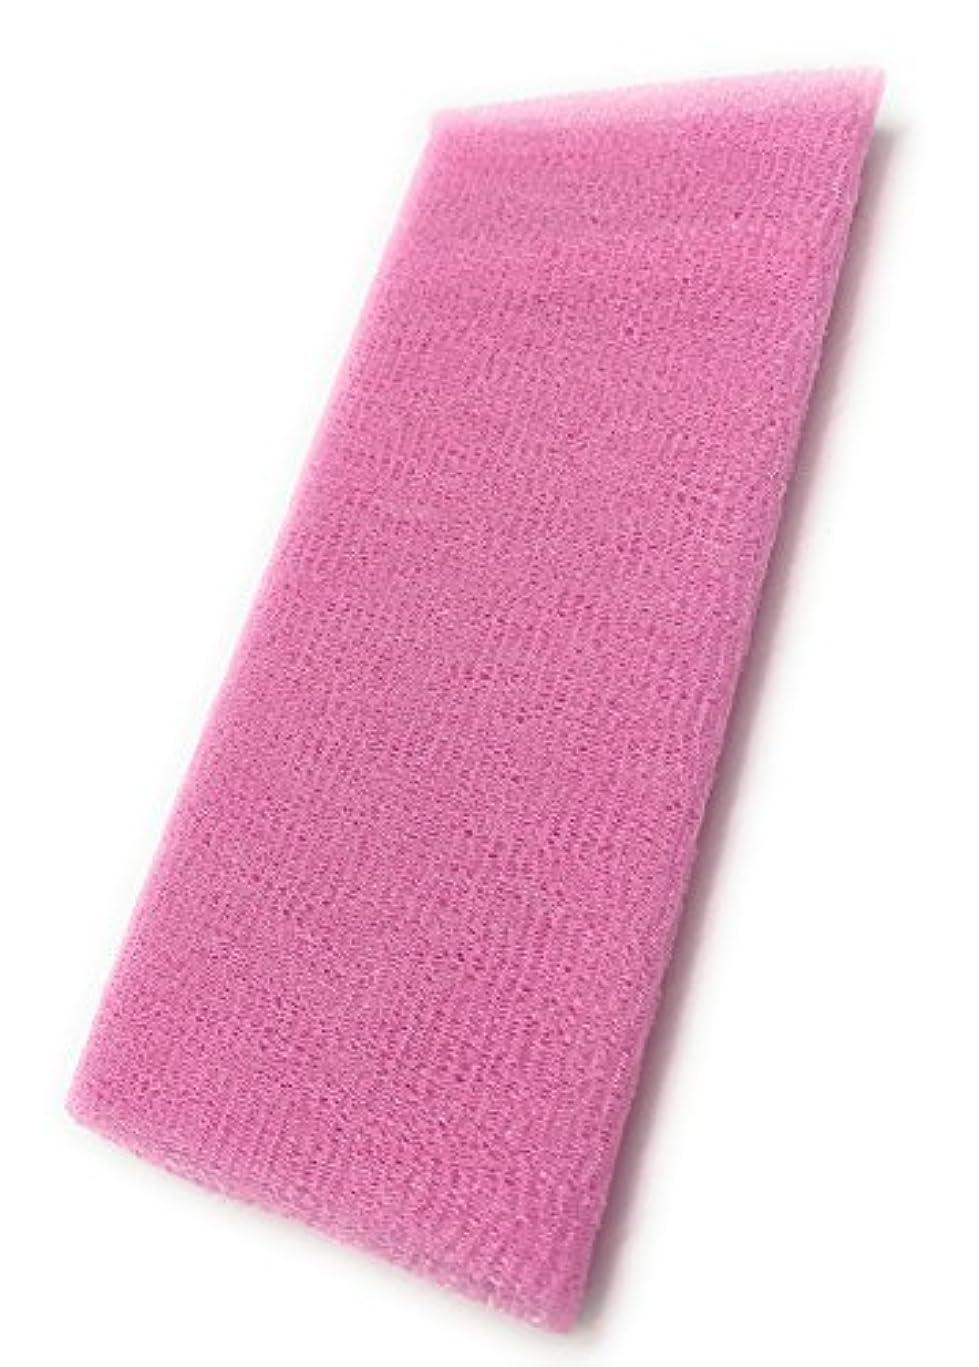 恩恵スタッフ魅了するMaltose あかすりタオル ボディタオル ロングボディブラシ やわらか 濃密泡 背中 お風呂用 メンズ 5色 (ピンク)